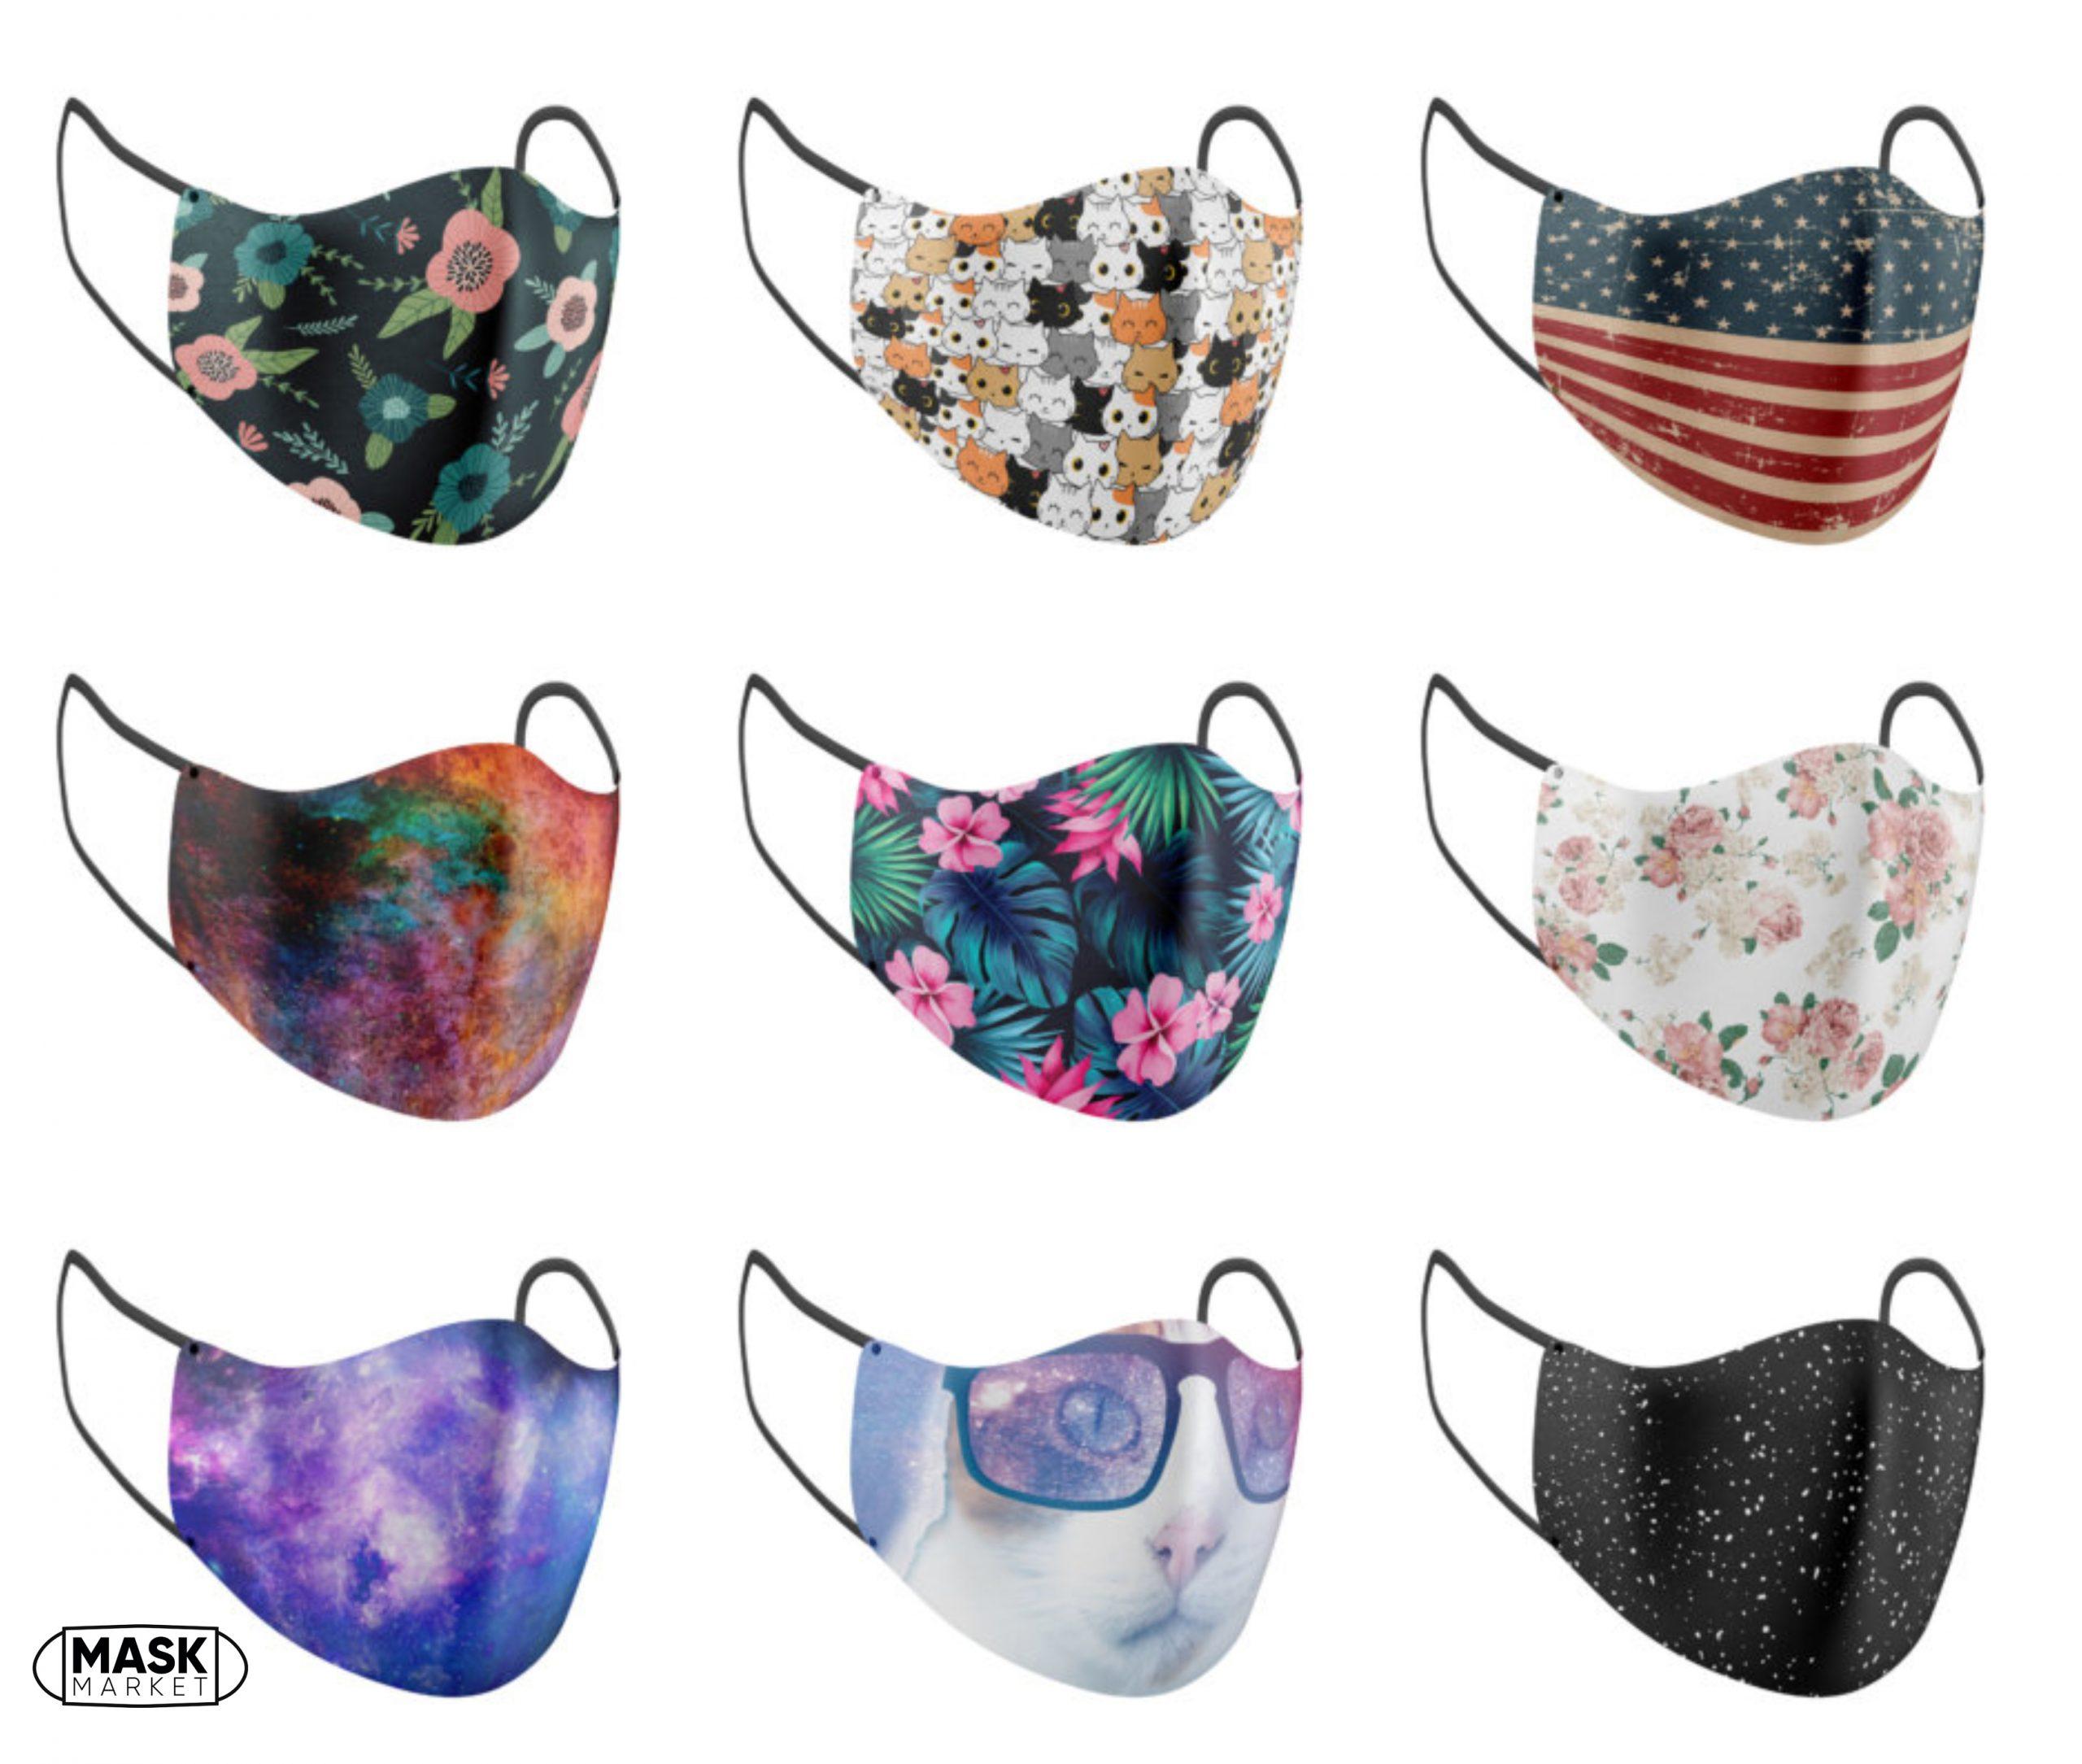 Mask Market: Premade Printed Masks